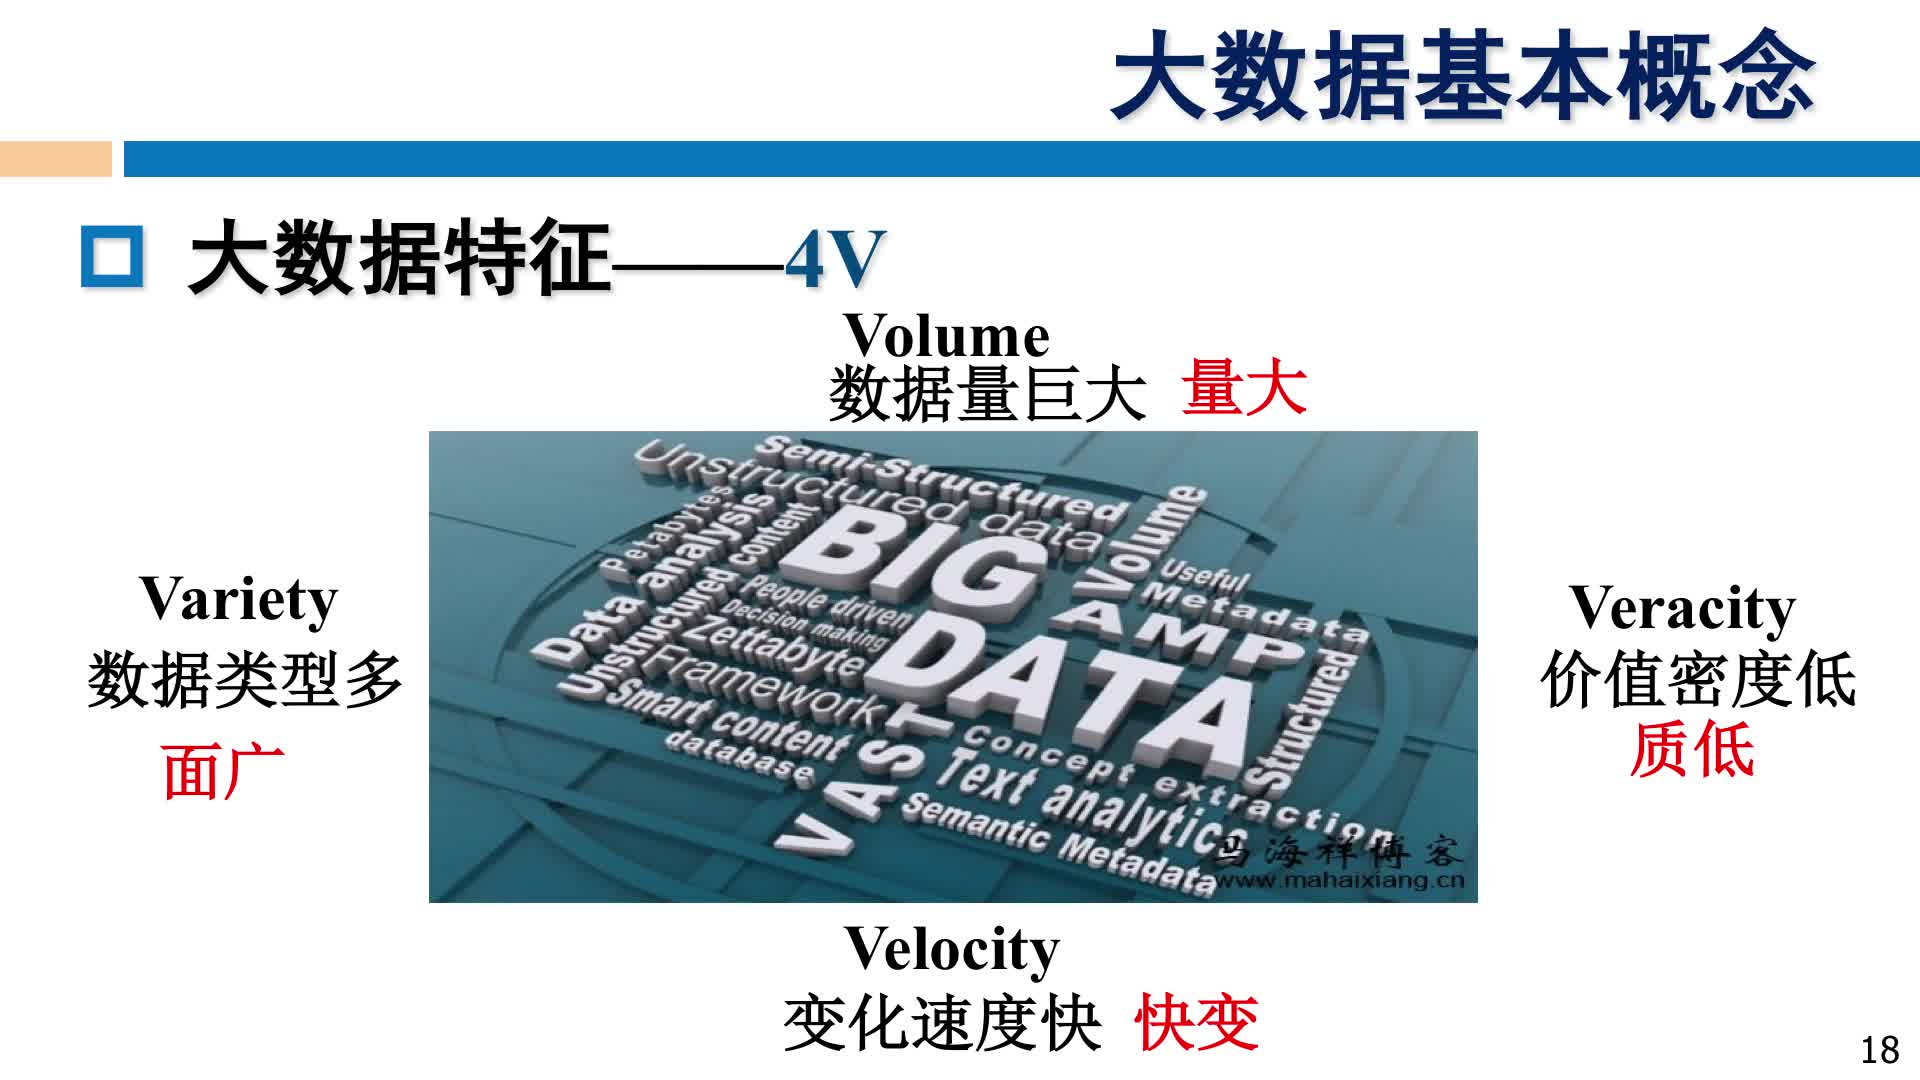 北京理工大学慕课——王国仁: 大数据技术引论(三)